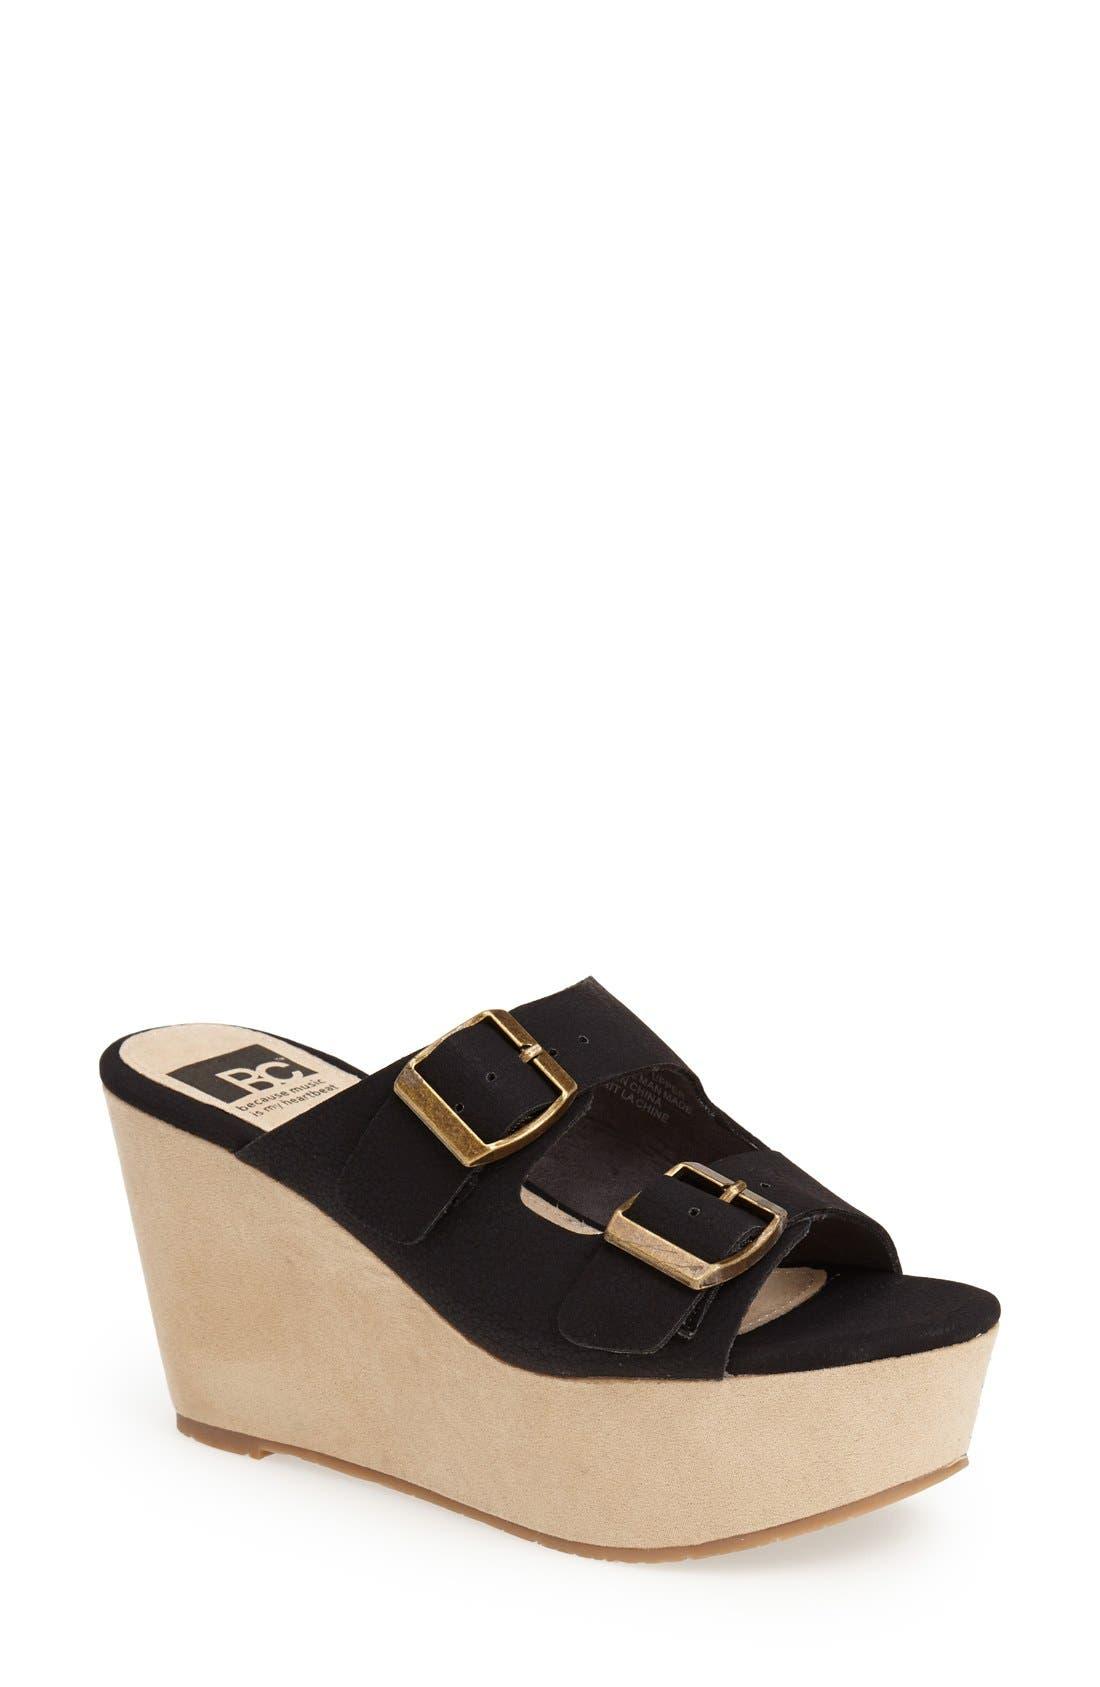 Main Image - BC Footwear 'Mayhem' Platform Sandal (Women)